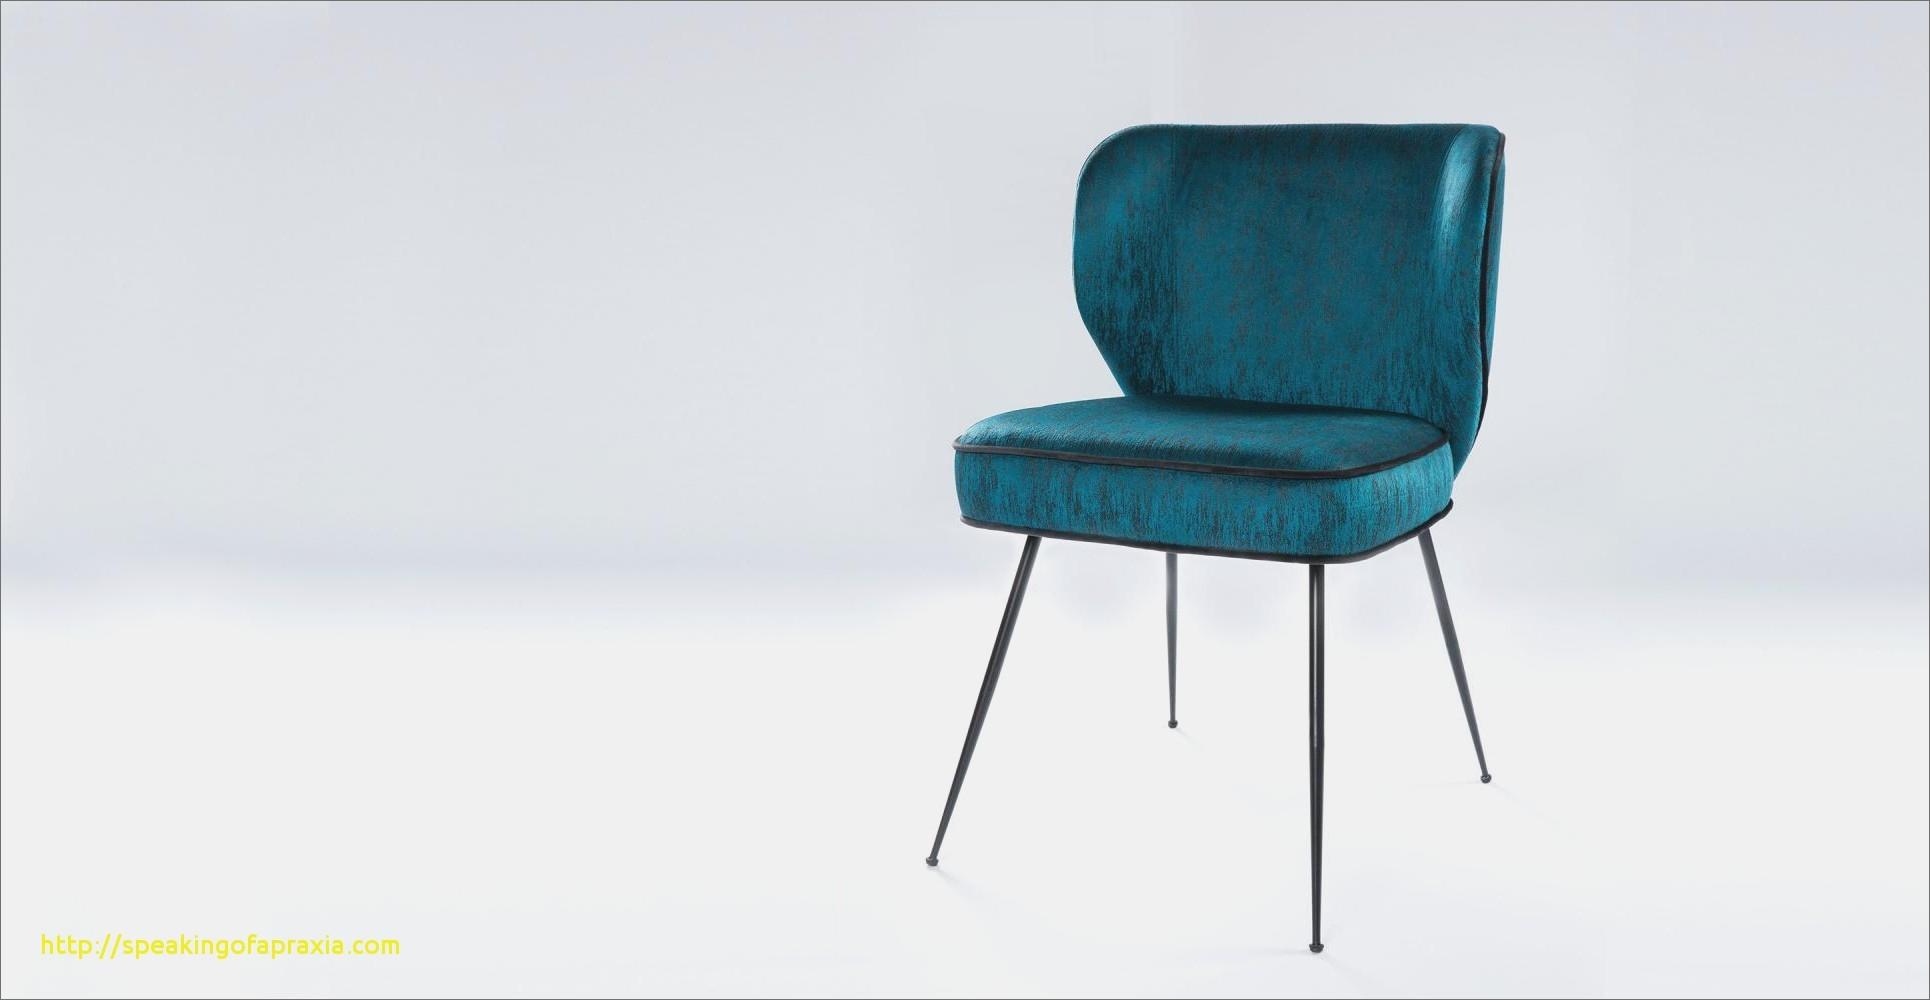 Abris De Jardin Carrefour Élégant Galerie Table Et Chaise Pliante Chaise Pliante Carrefour Canape Carrefour 0d